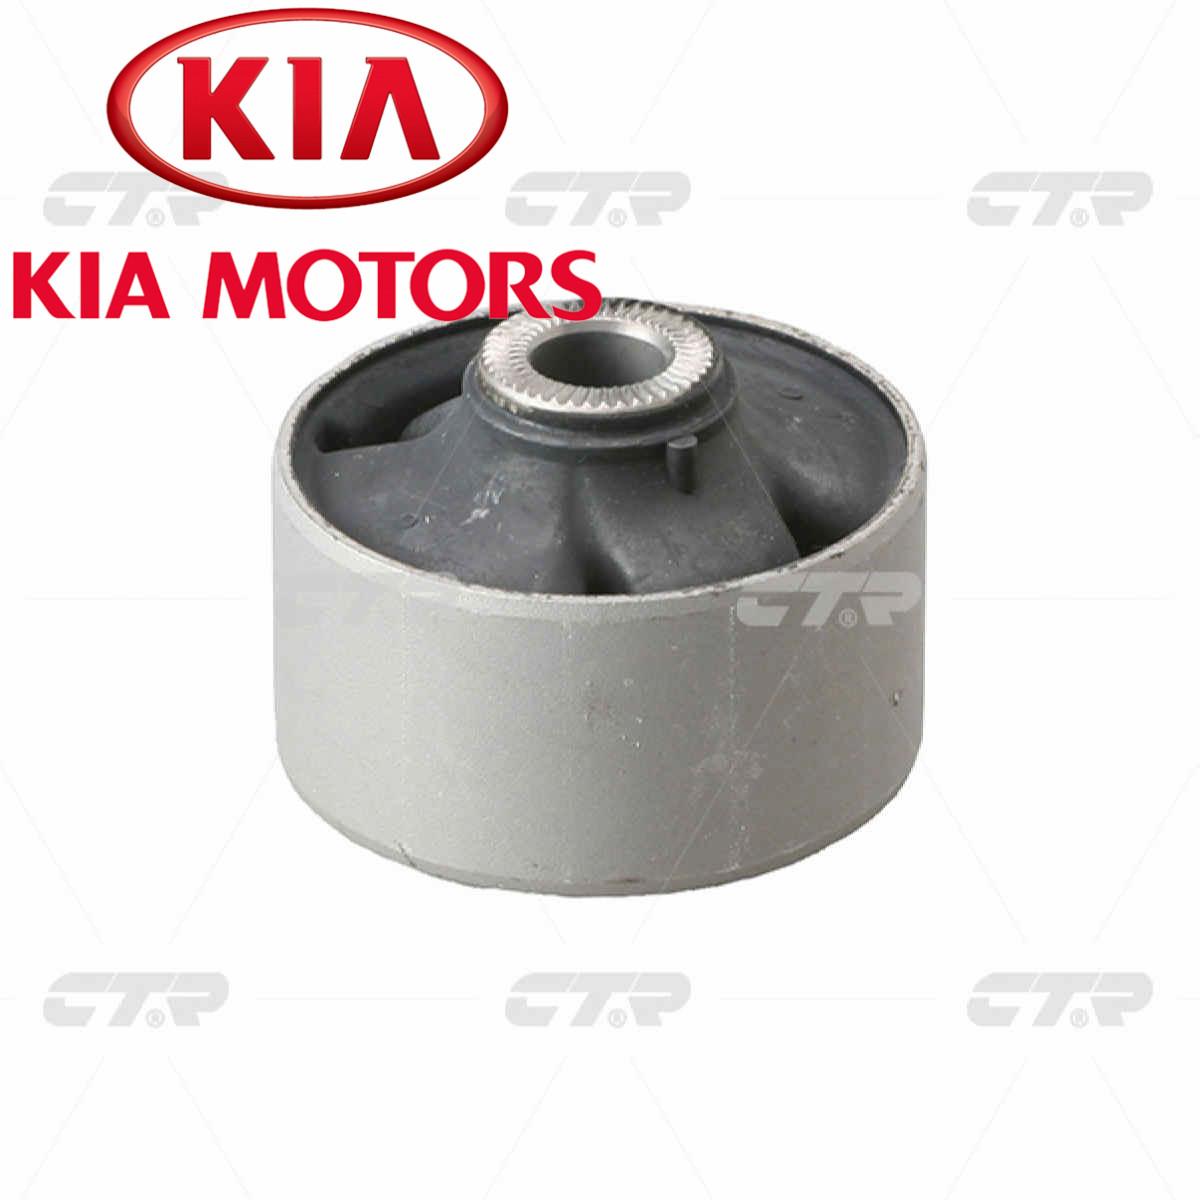 Сайлентблок рычага на Sportage KIA CTR Корея CVKH-86